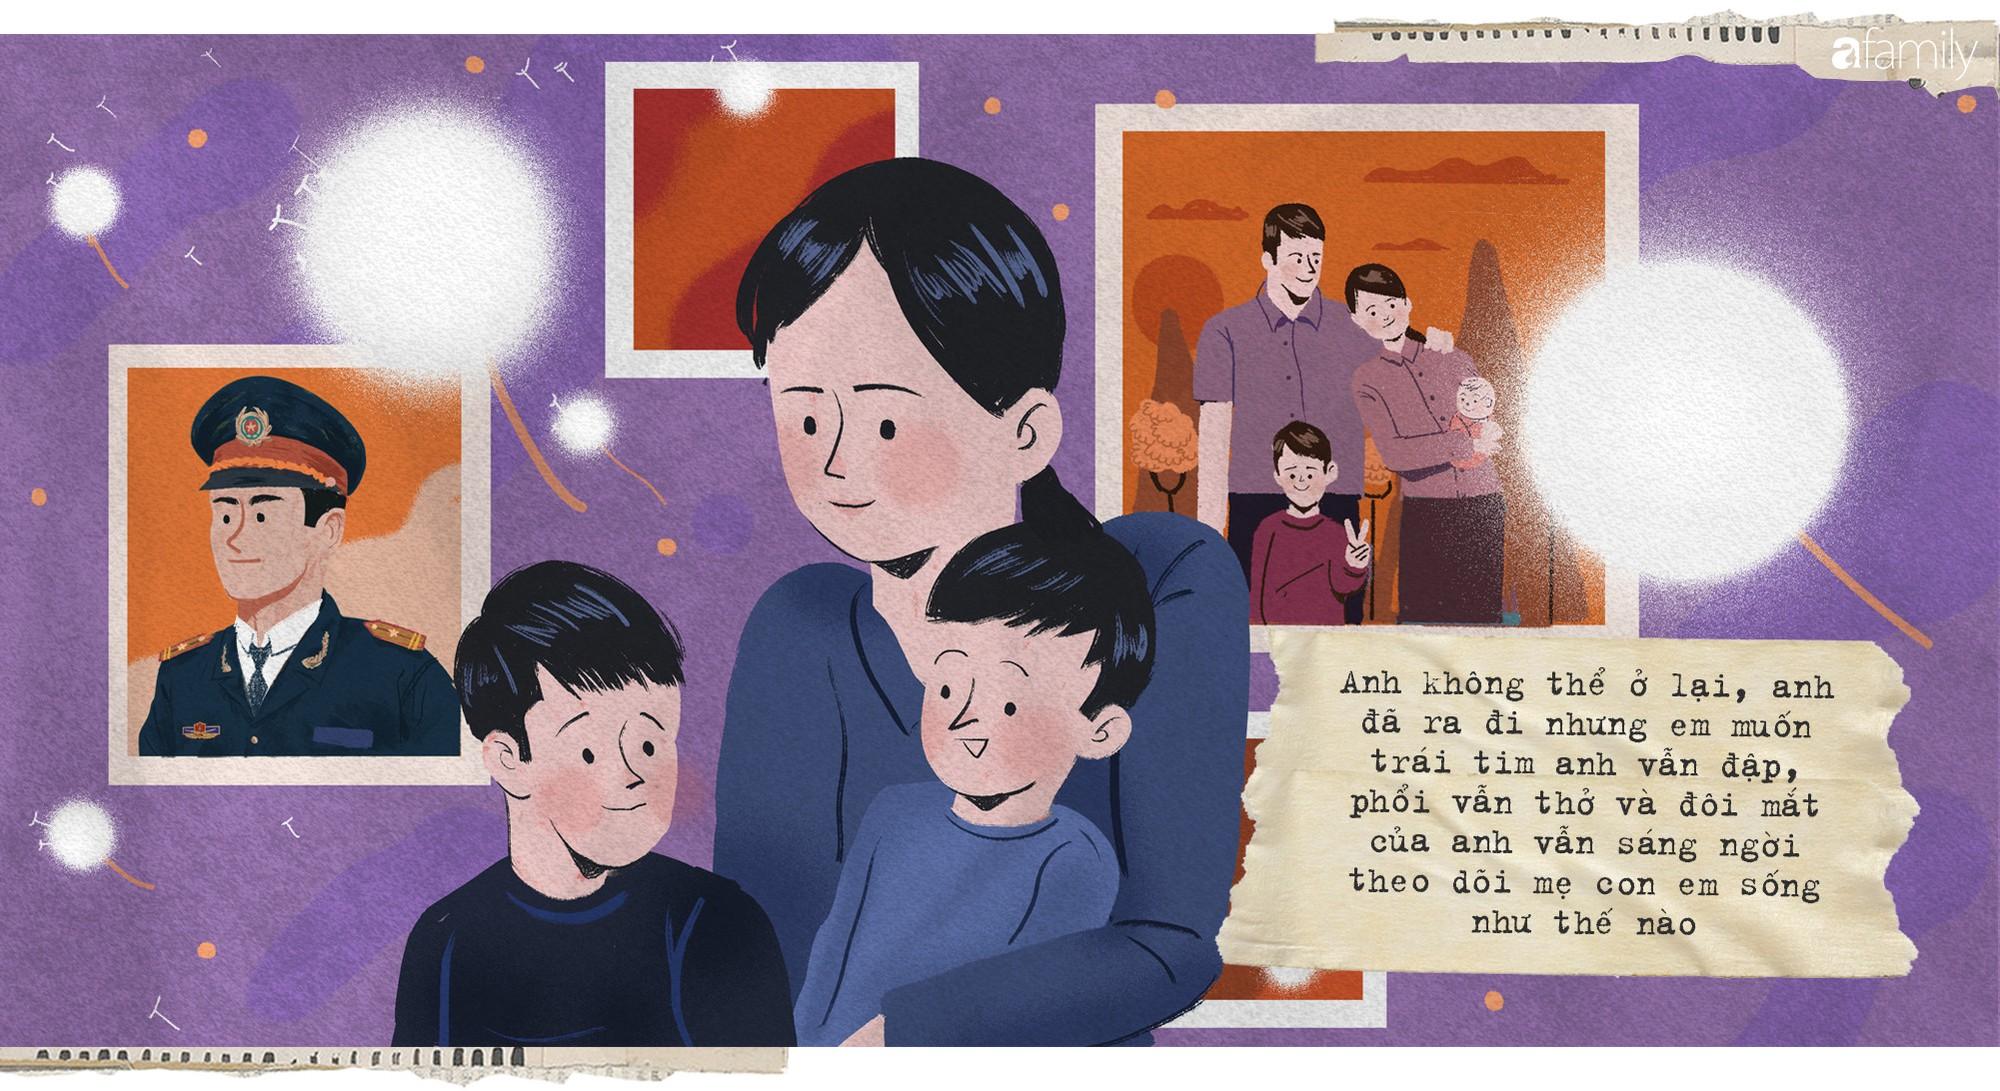 Vợ hiến tạng chồng, mẹ mang tạng con cứu 6 người: Khi cái chết hồi sinh sự sống khác - Ảnh 5.